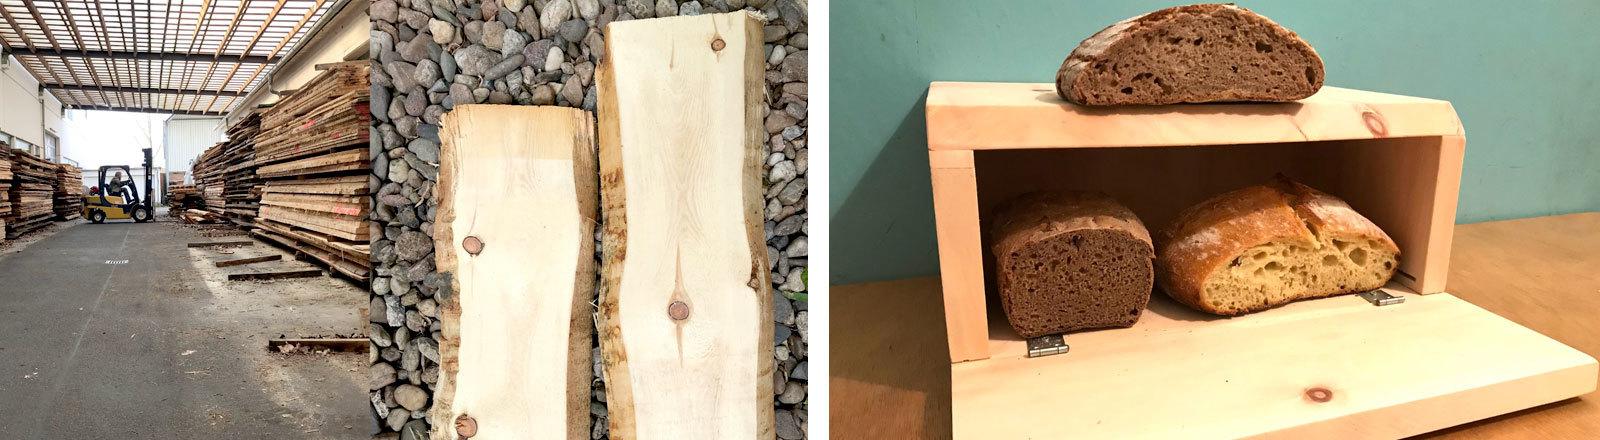 Ein selbst gebauter Brotkasten aus Zirbenholz von Moritz Metz